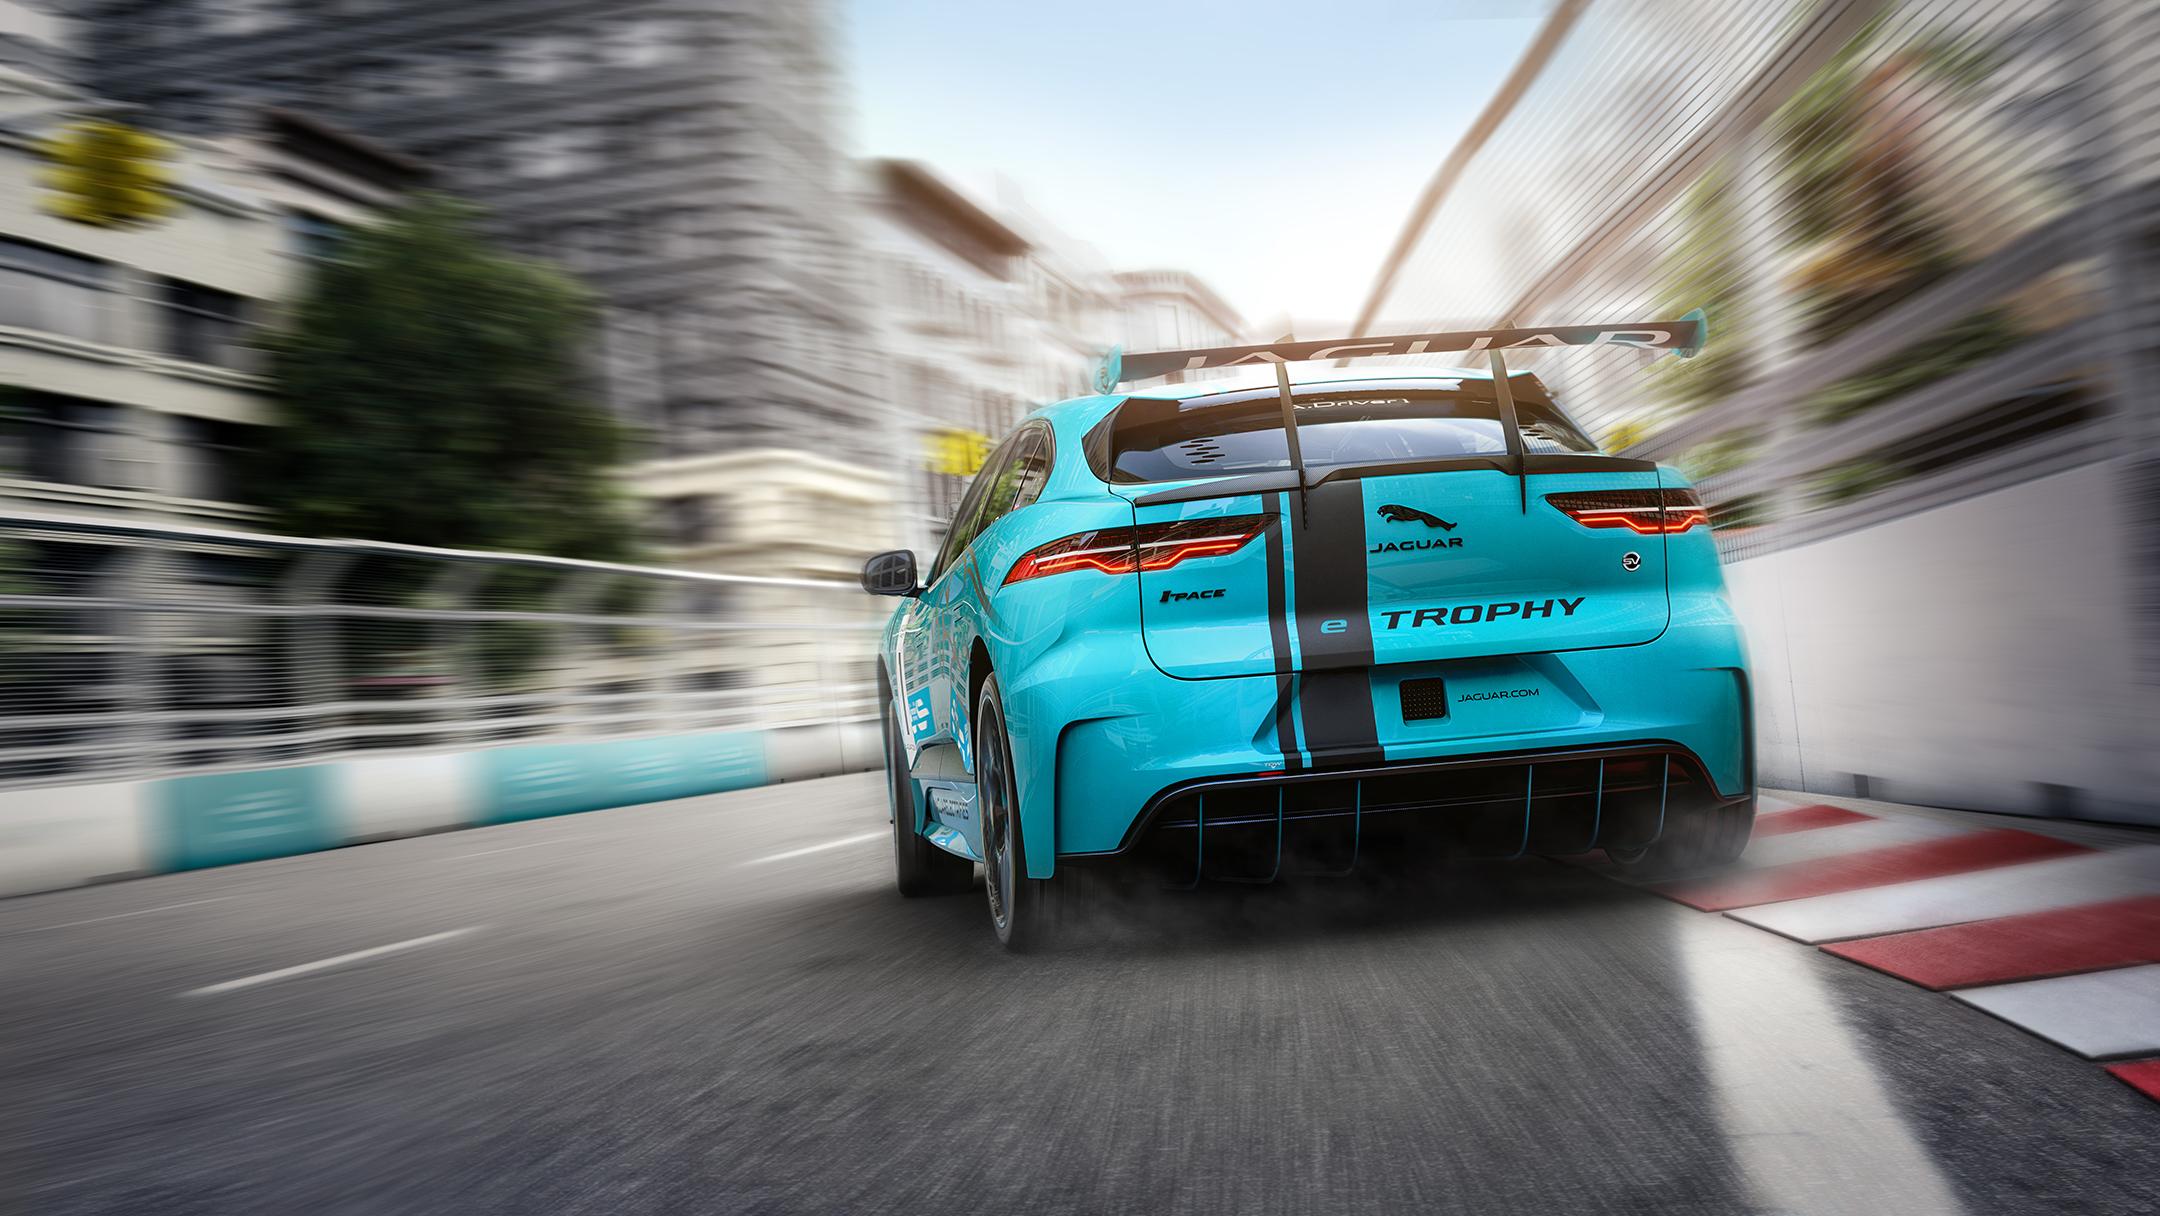 Jaguar I-PACE eTROPHY - 2017 - rear / arrière